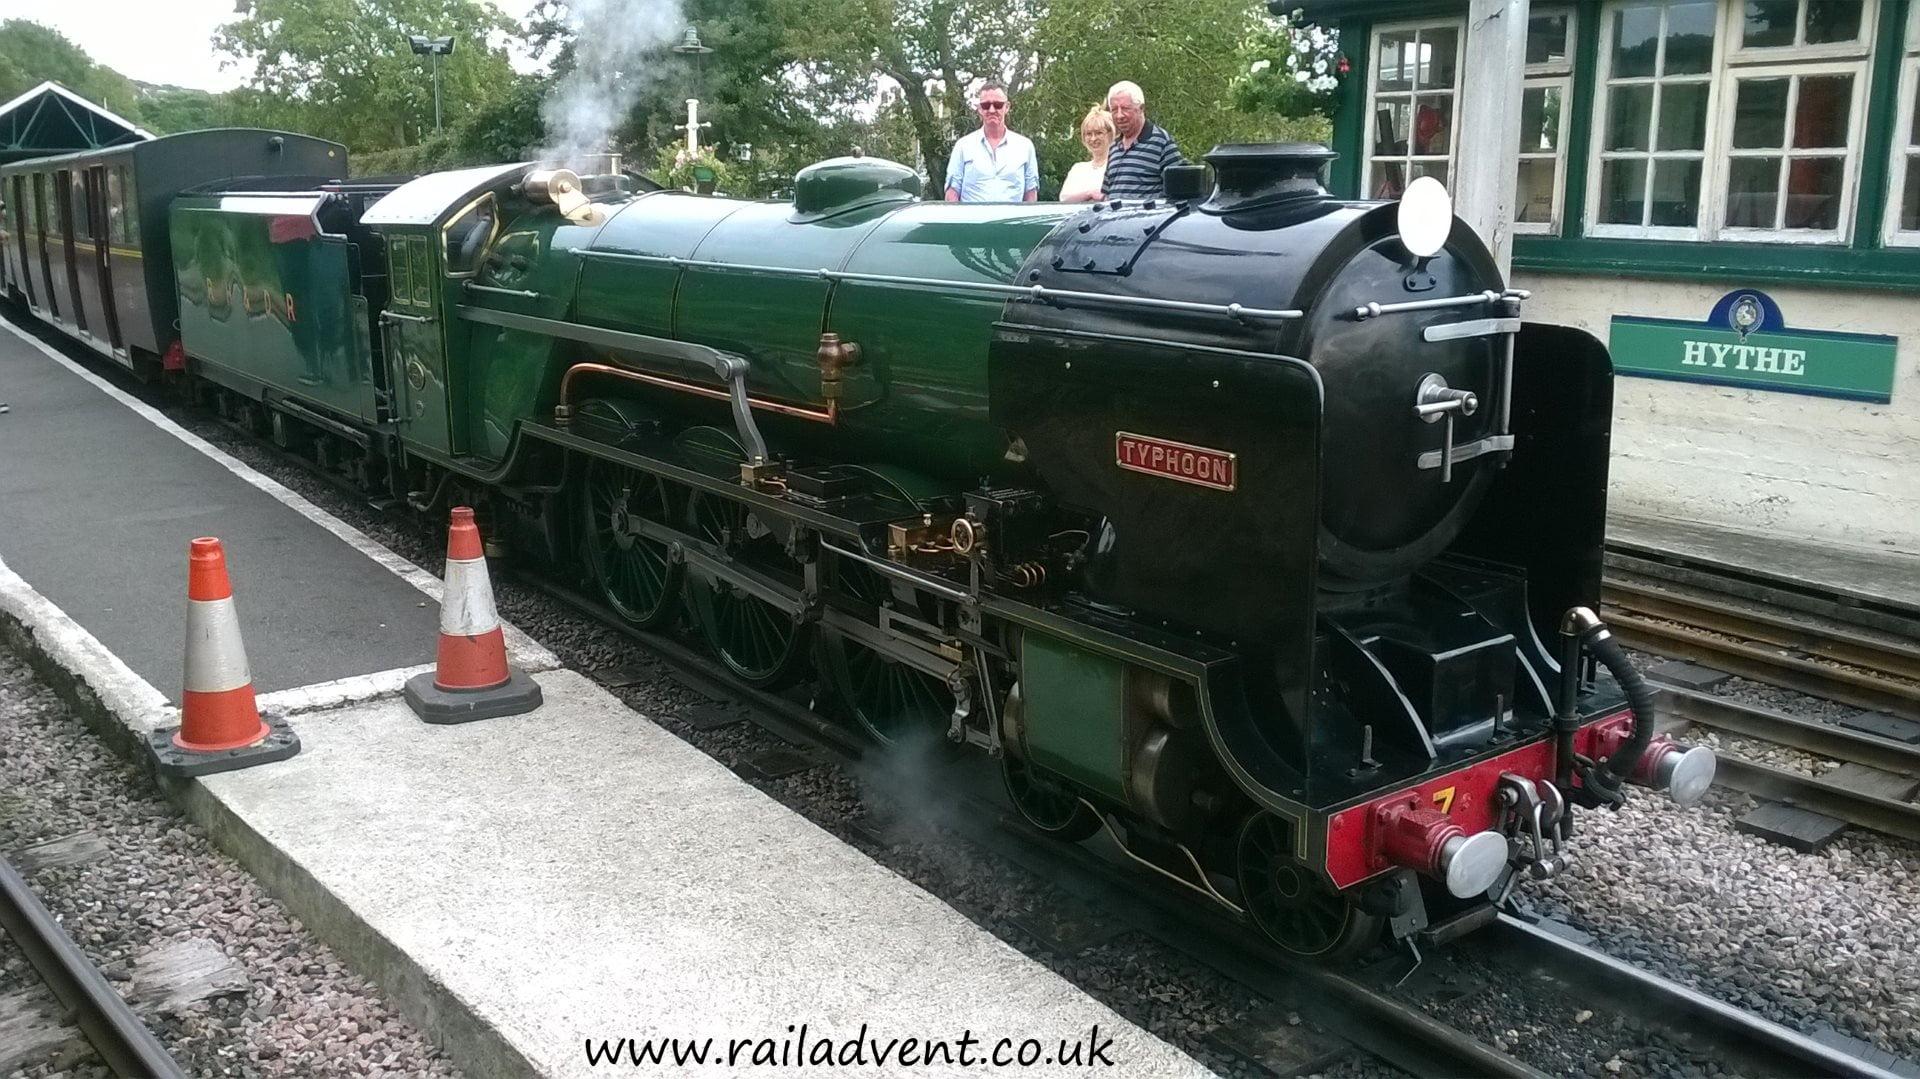 Hythe Station on the Romney, Hythe & Dymchurch Railway